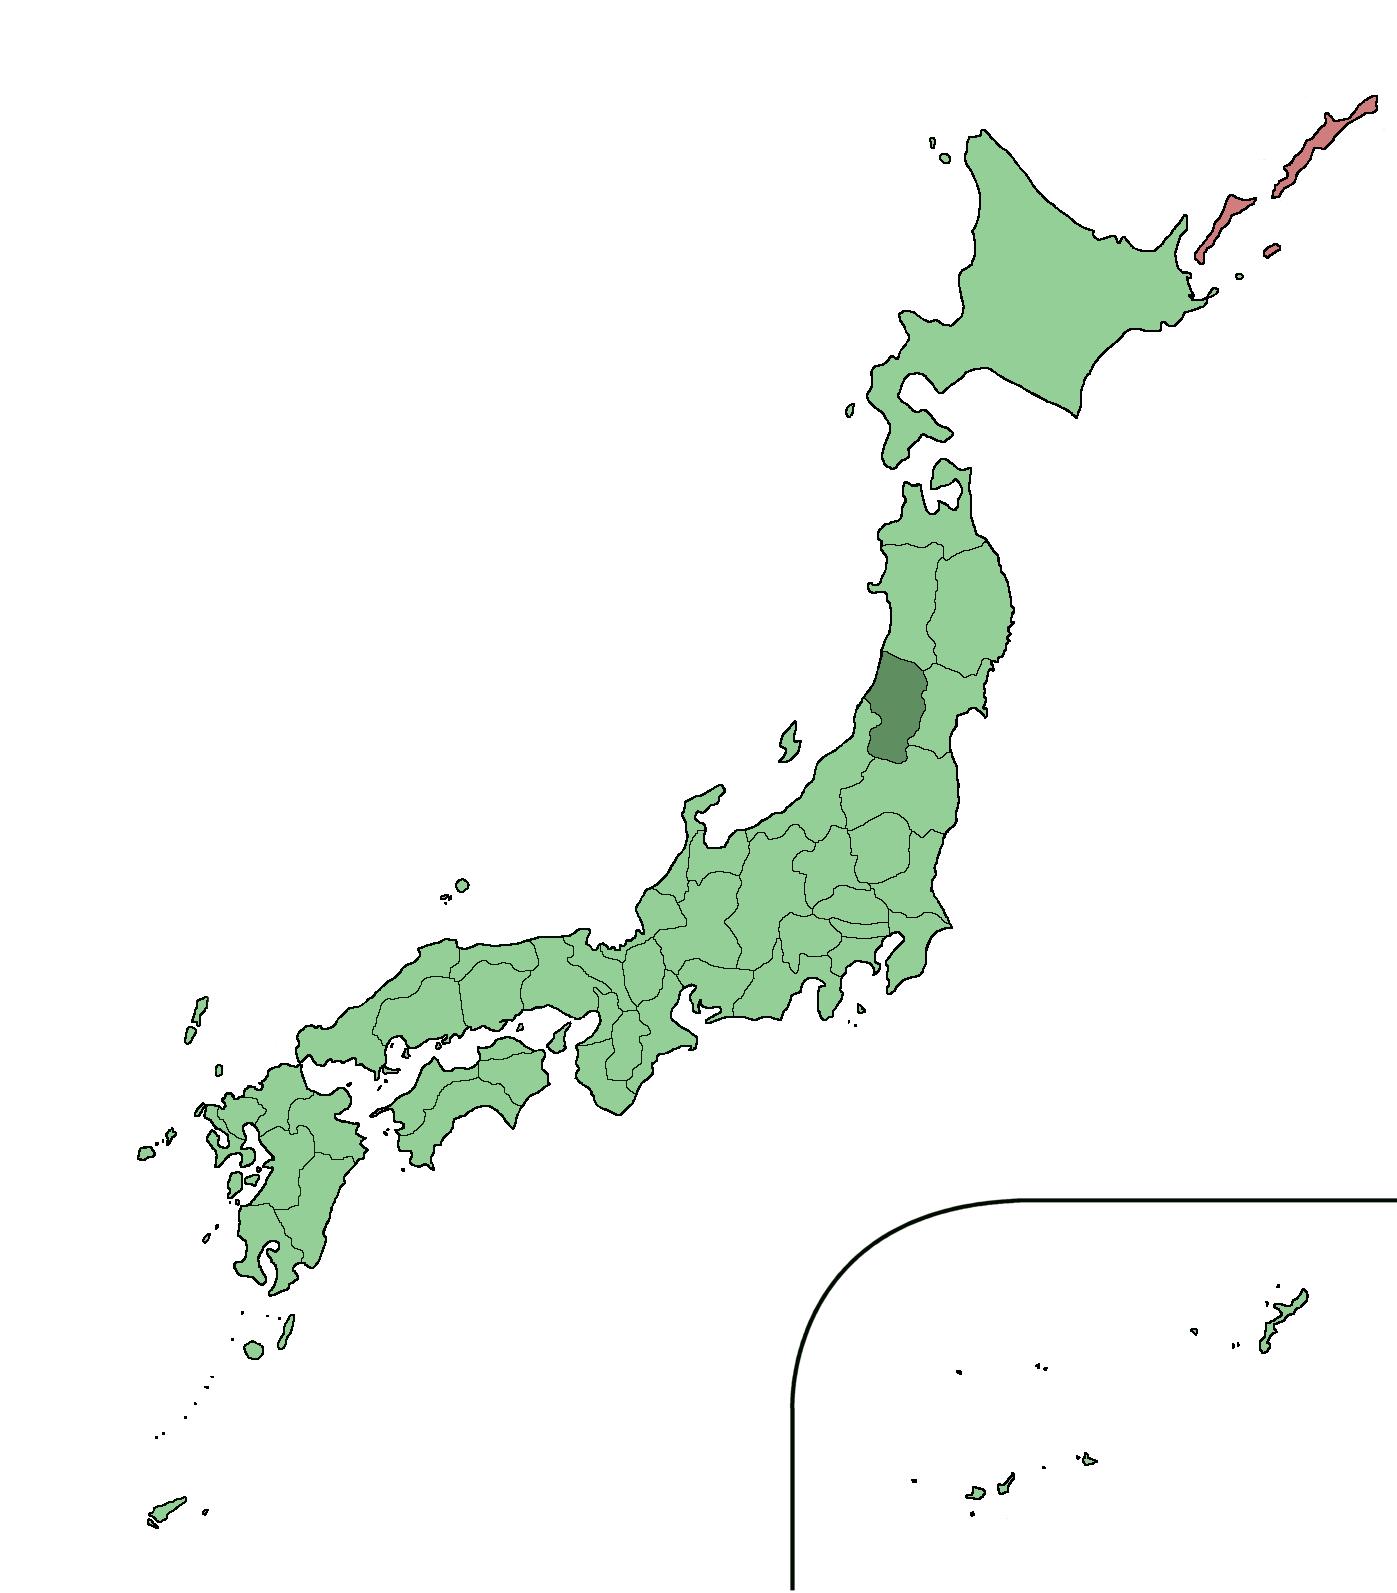 FileJapan Yamagata Largepng Wikimedia Commons - Japan map yamagata